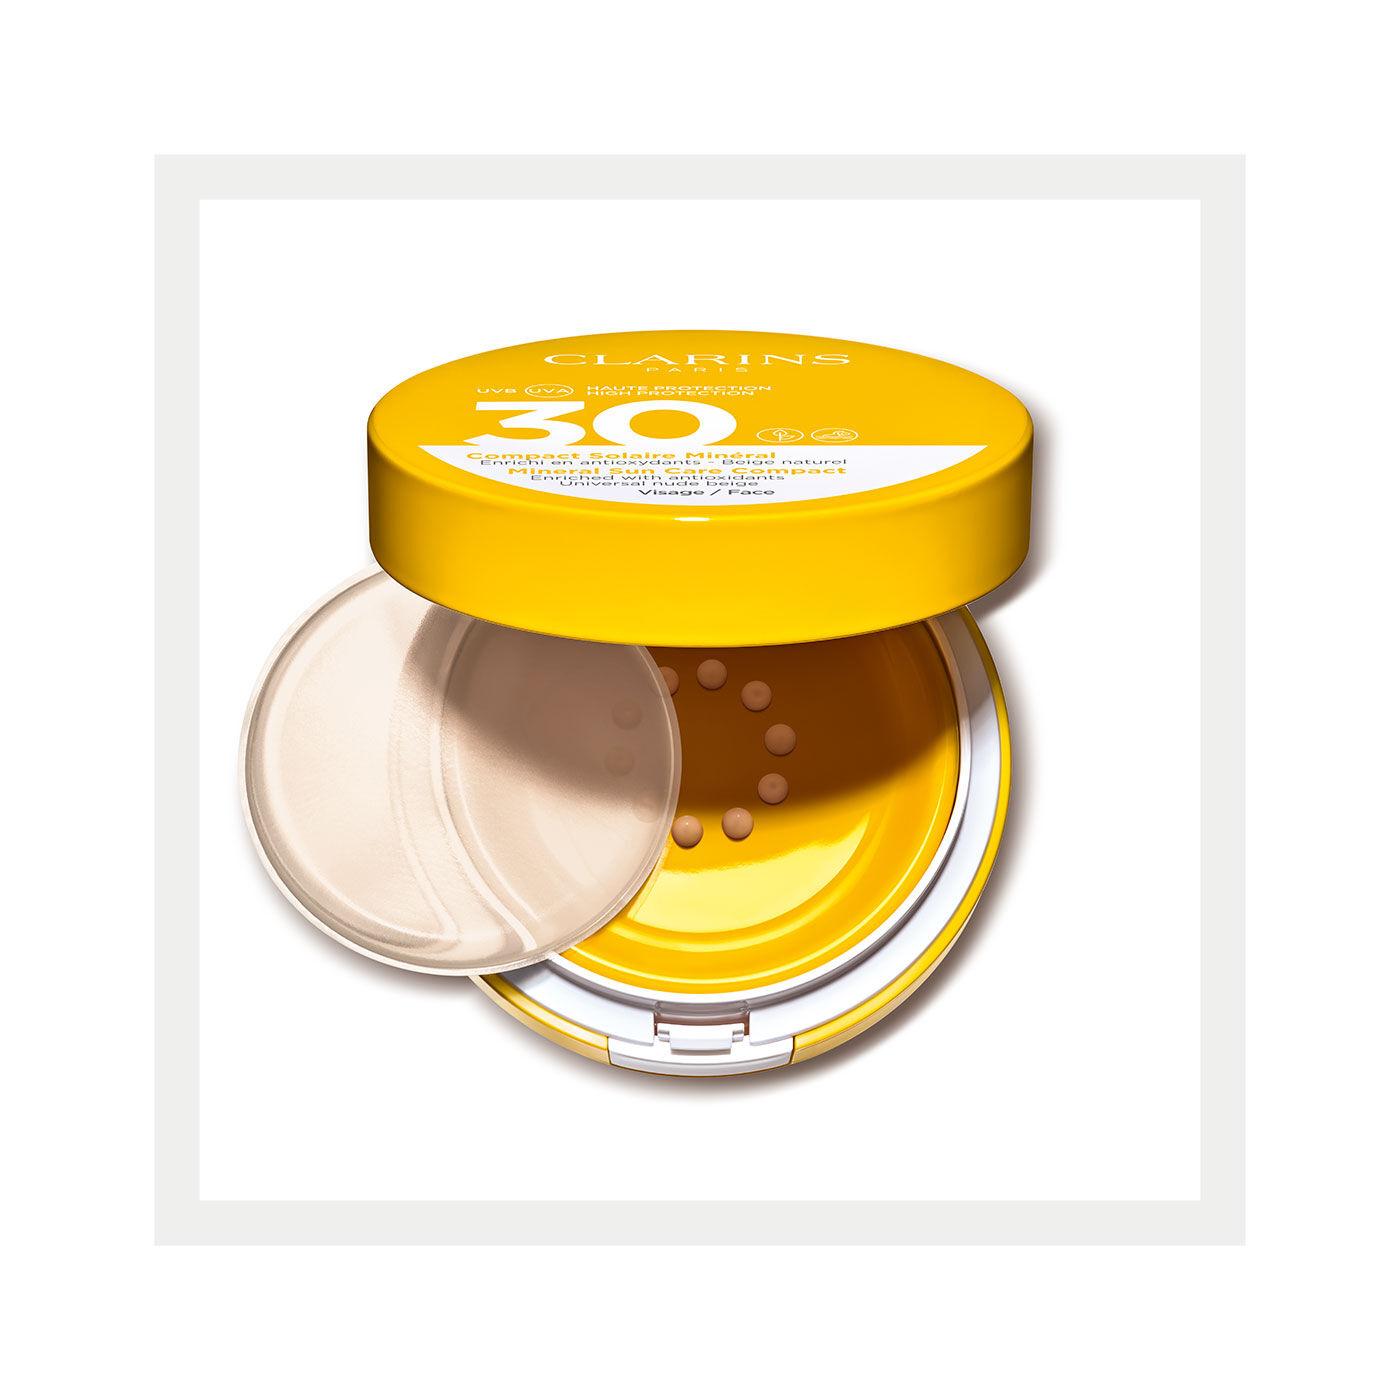 面部礦物防曬粉底SPF30